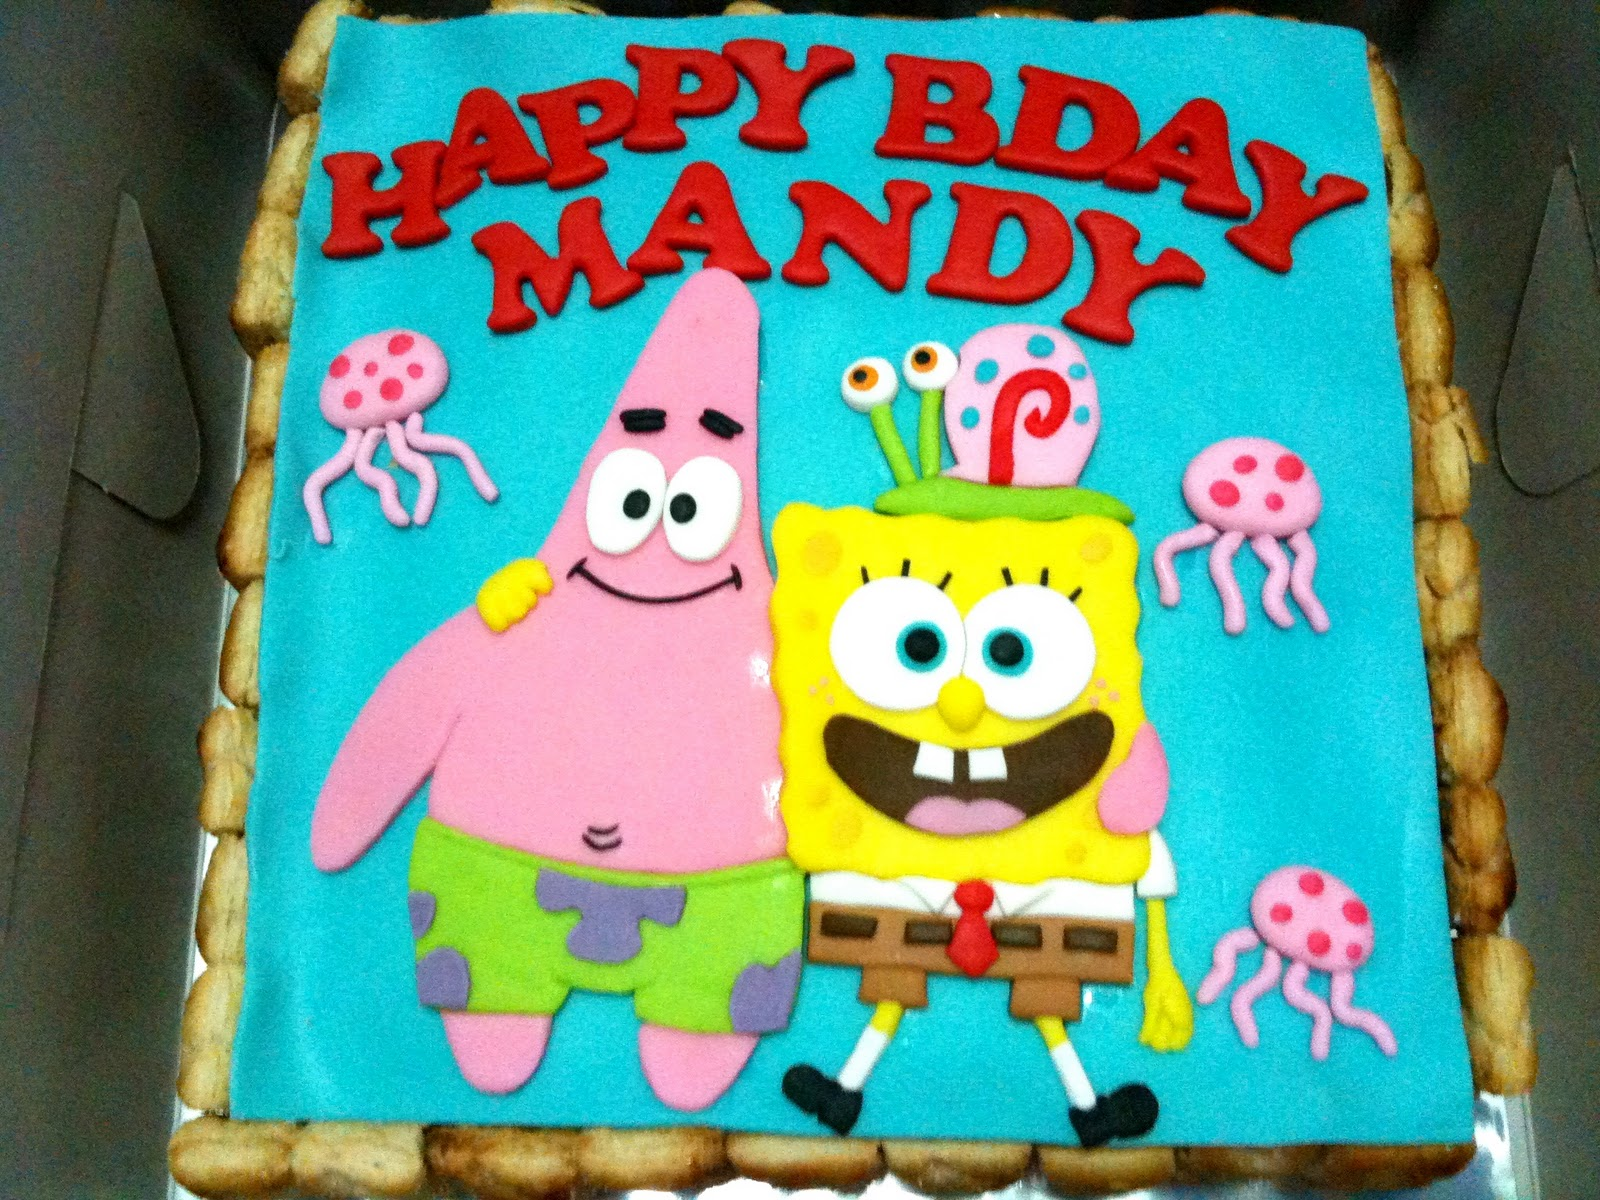 happy birthday mandy